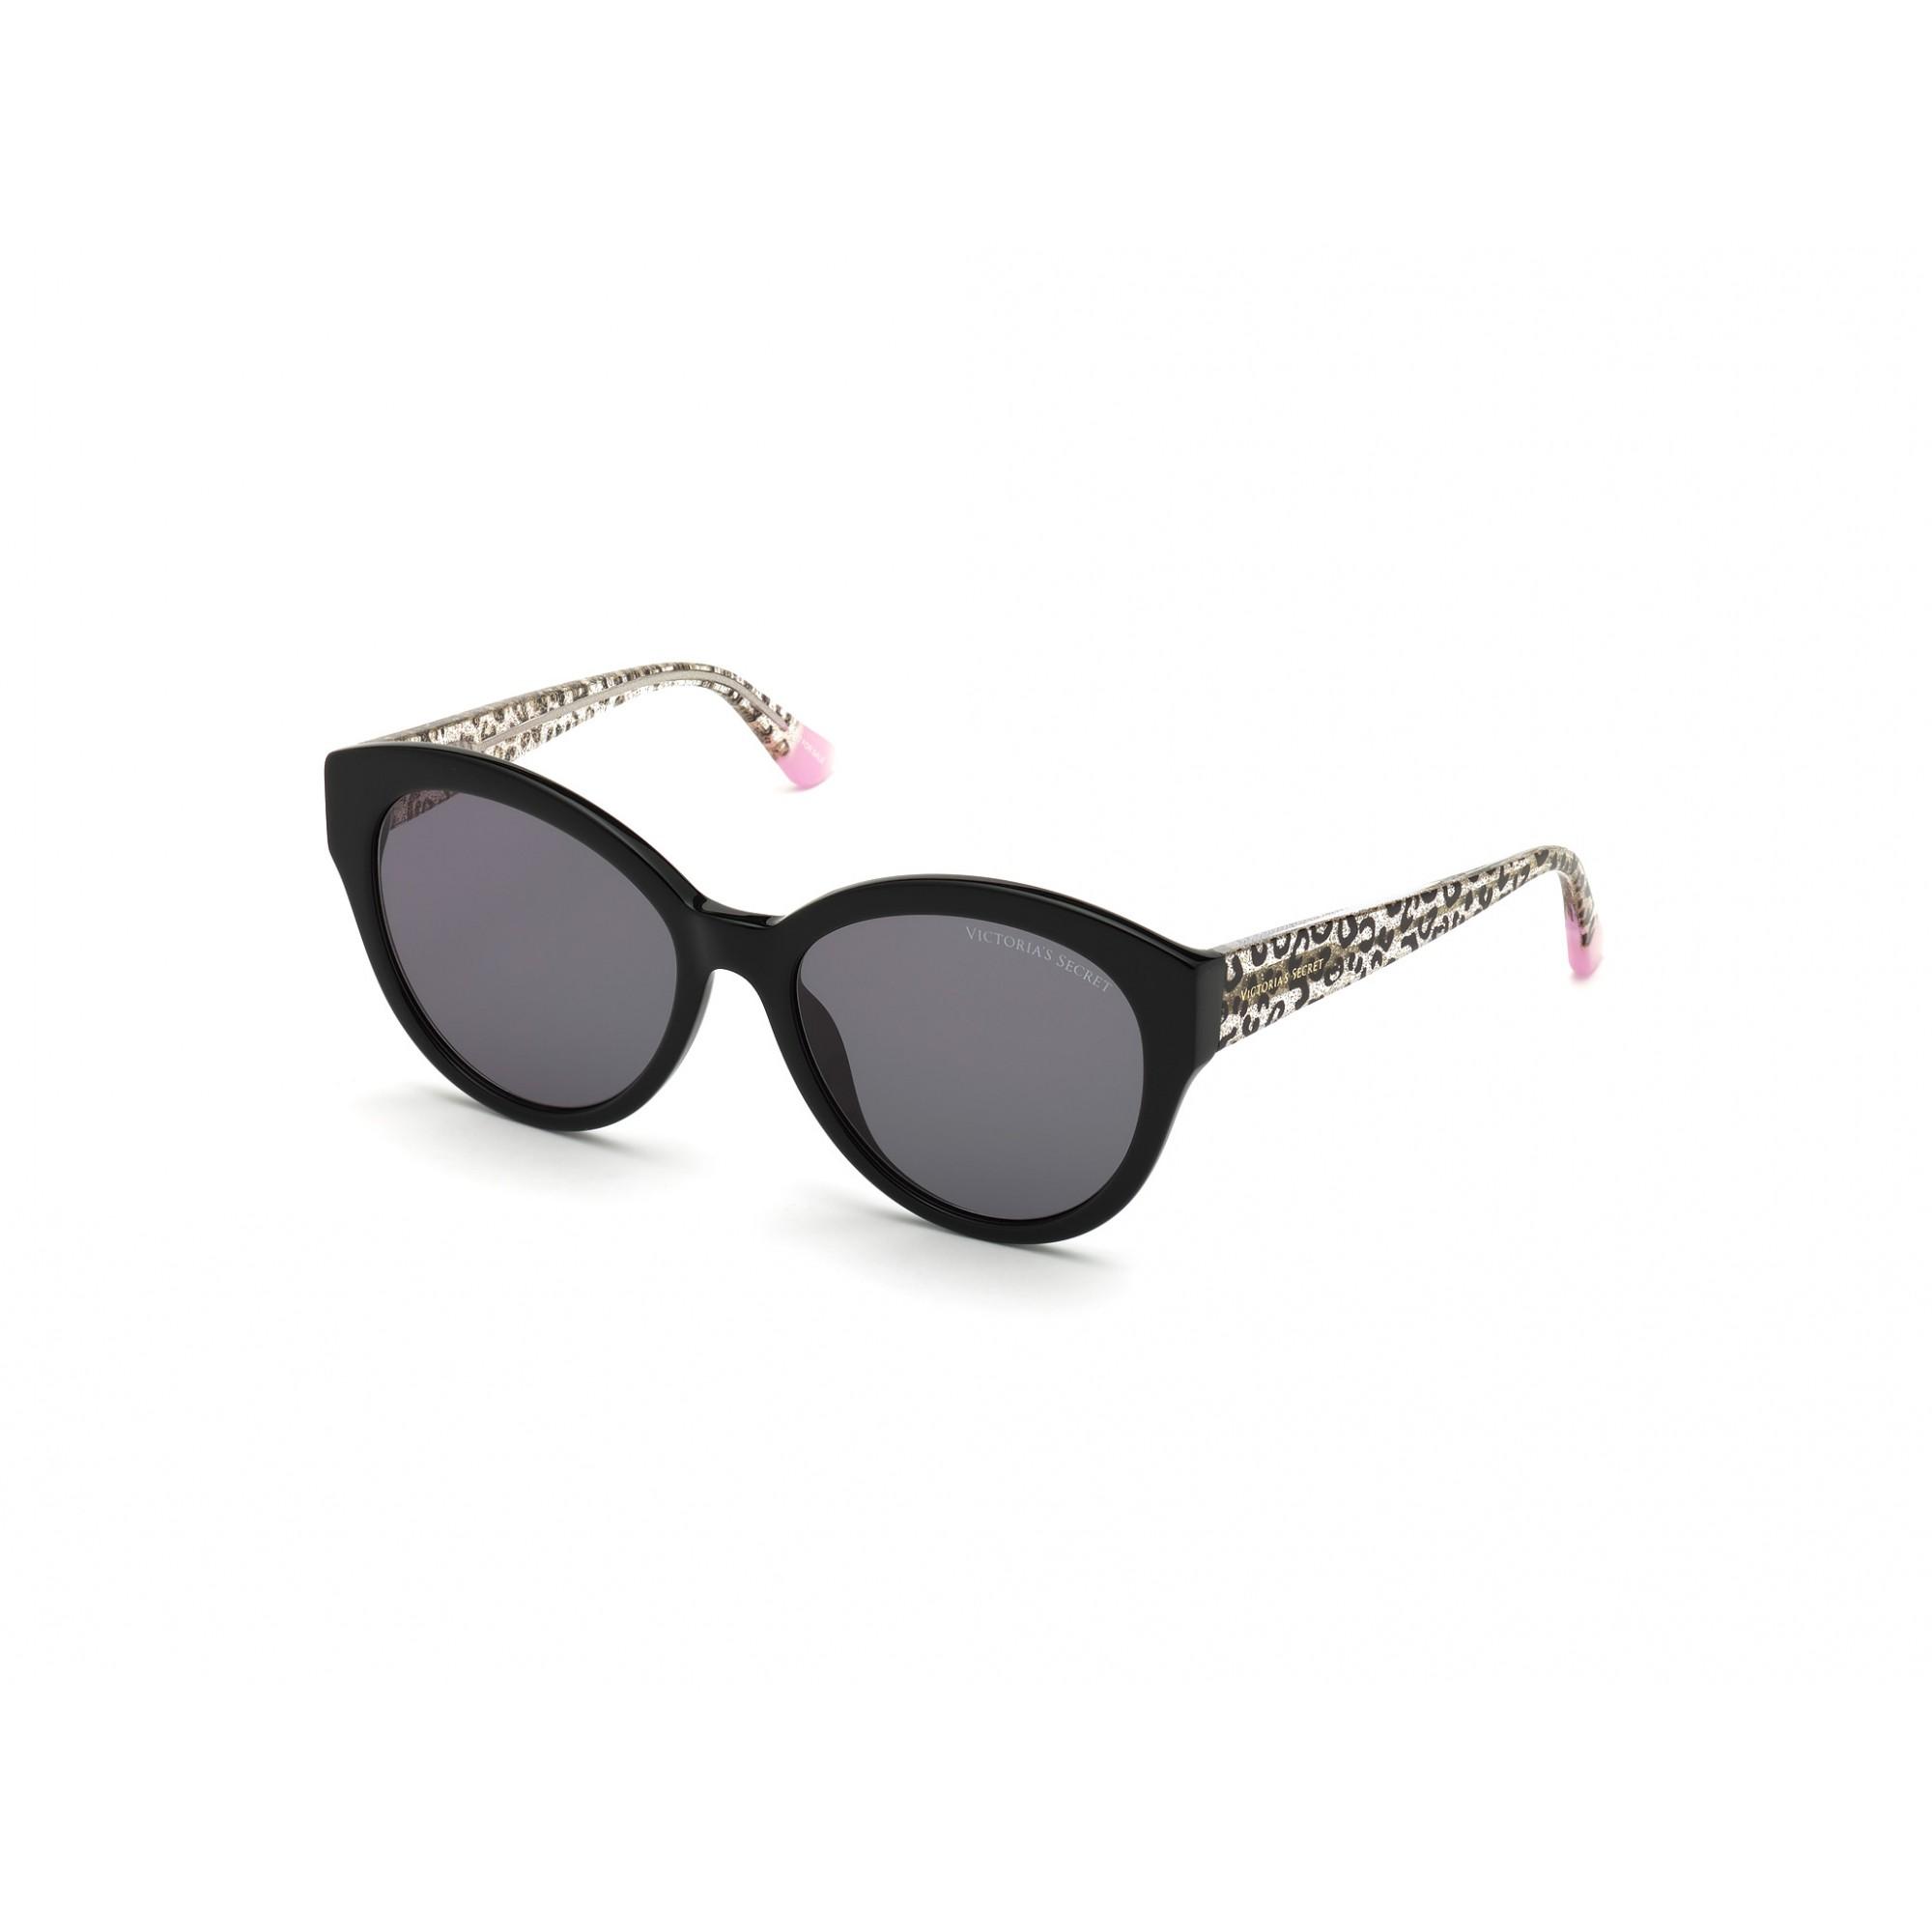 Victoria's Secret Pink - VS0023 01A 57 - Óculos de grau